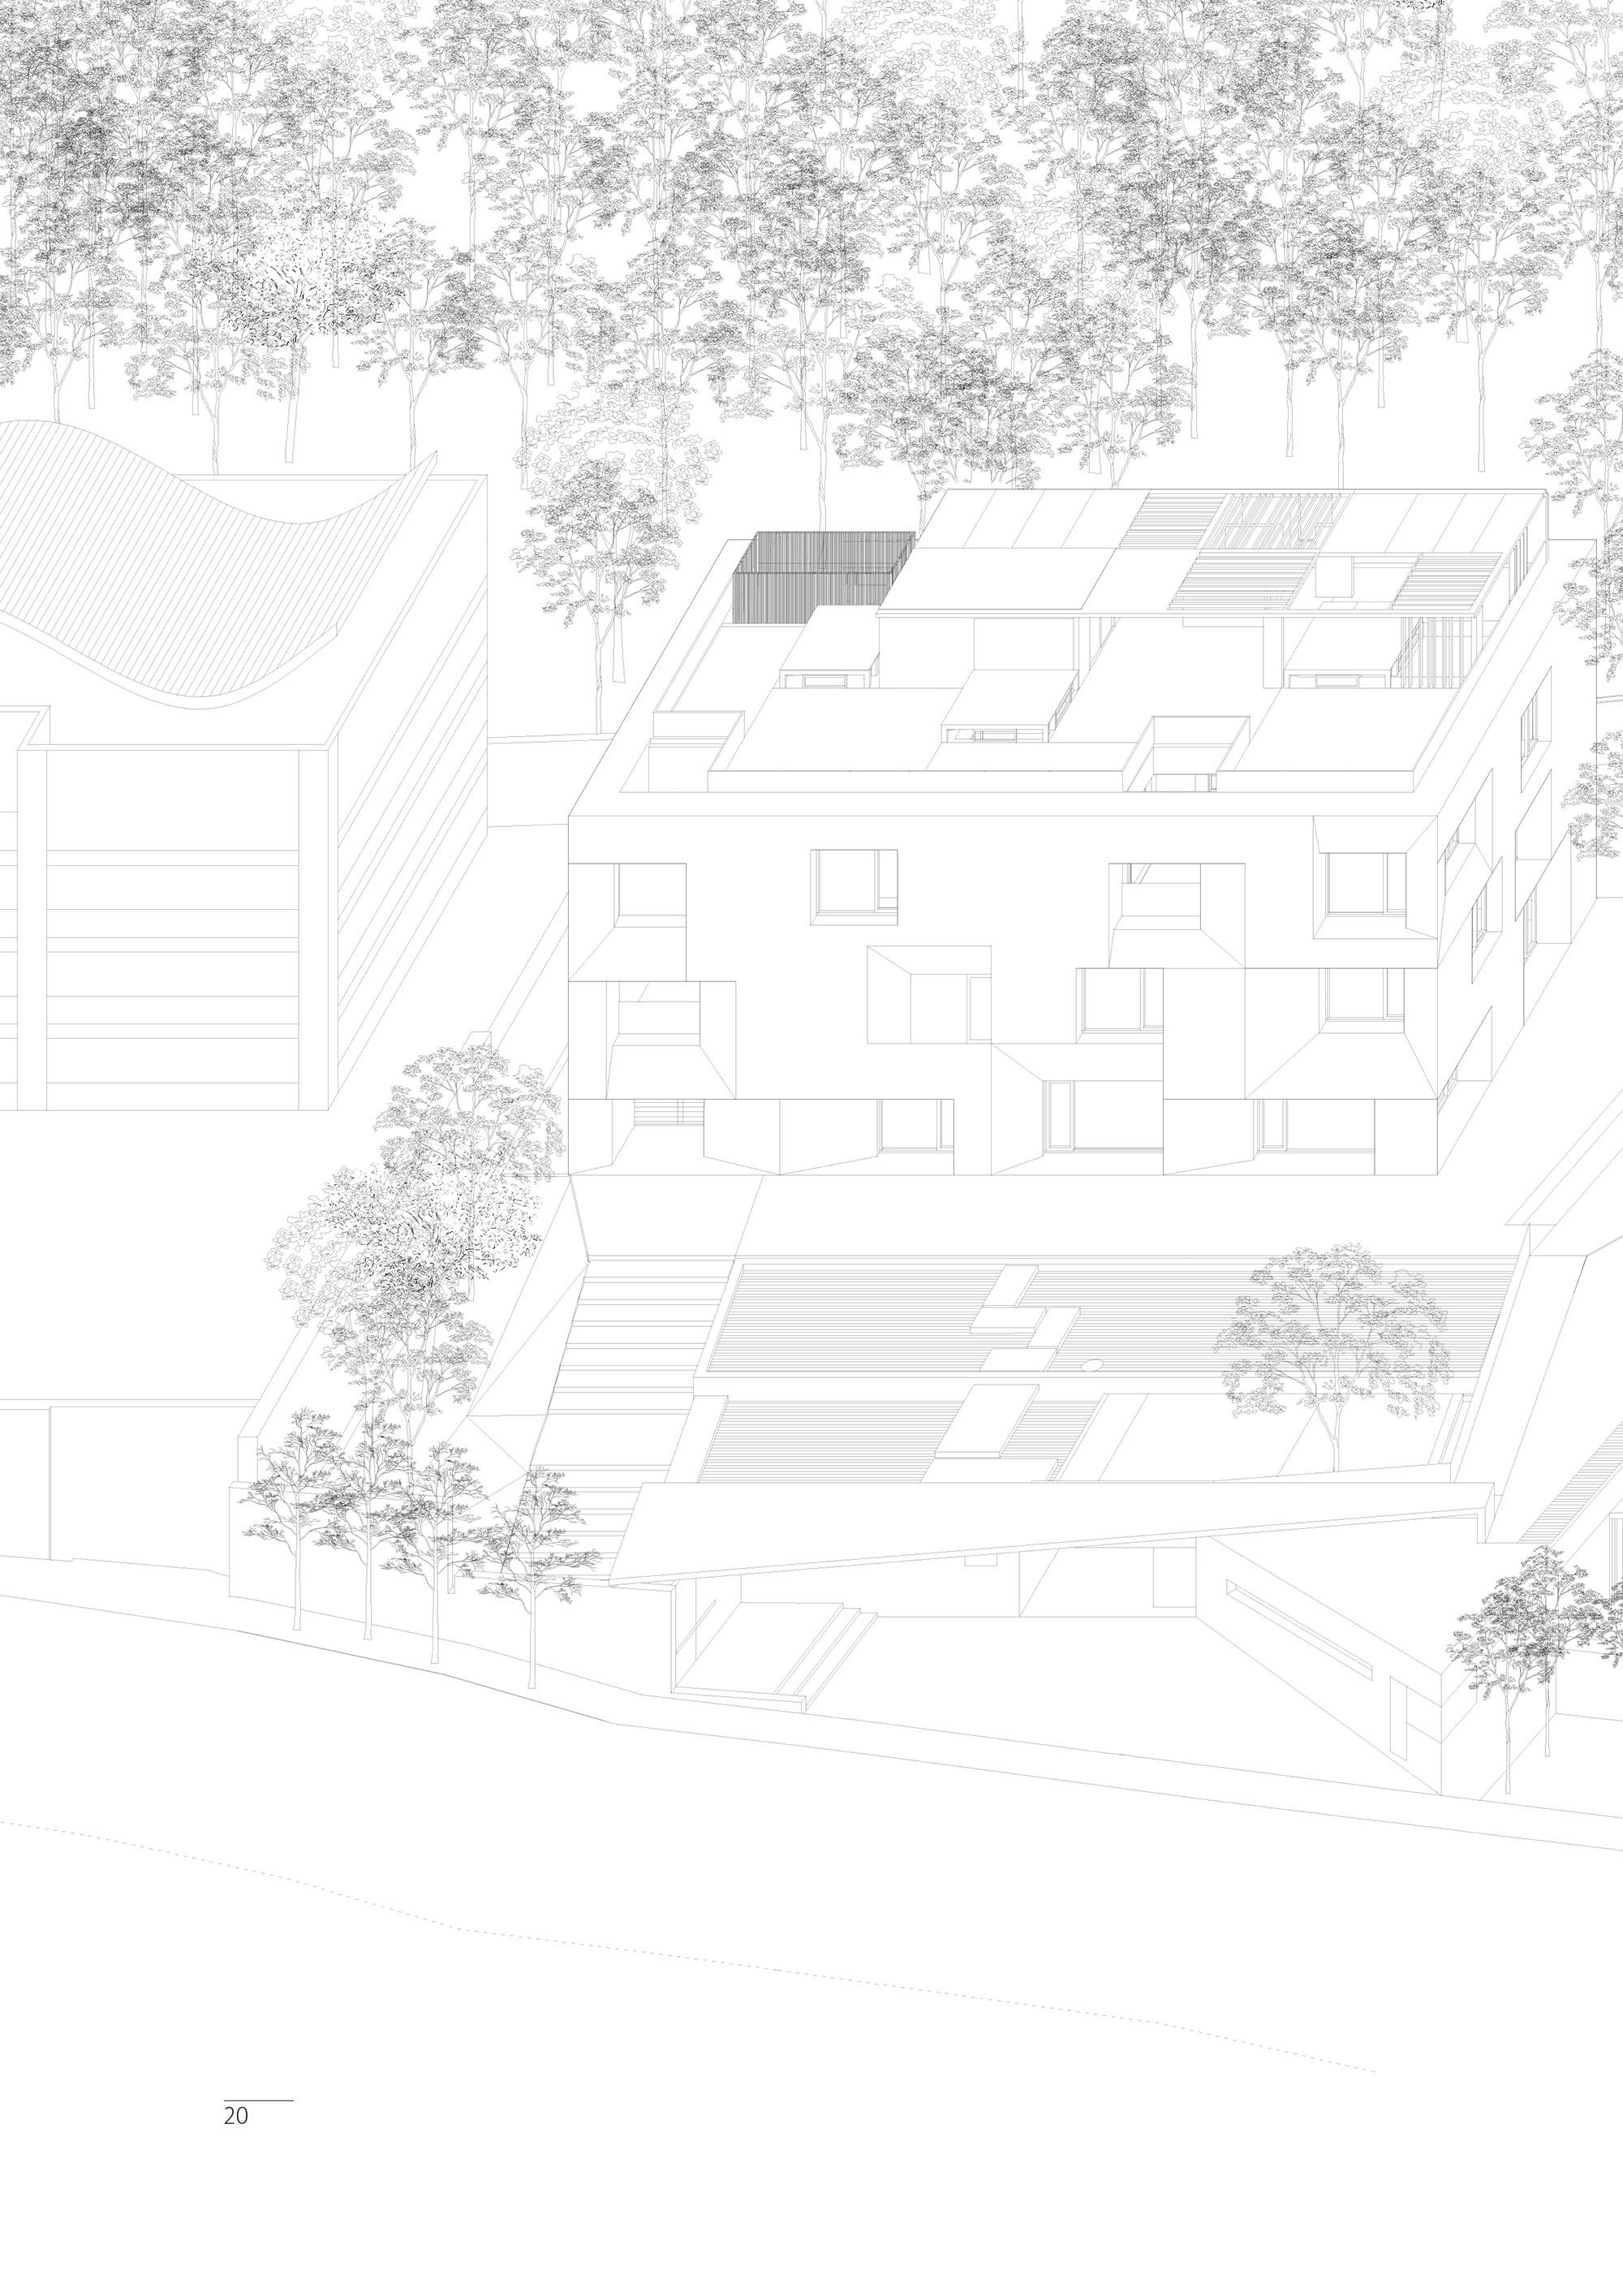 13-wohnhaus-ck-behet-bondzio-lin-architekten.jpg